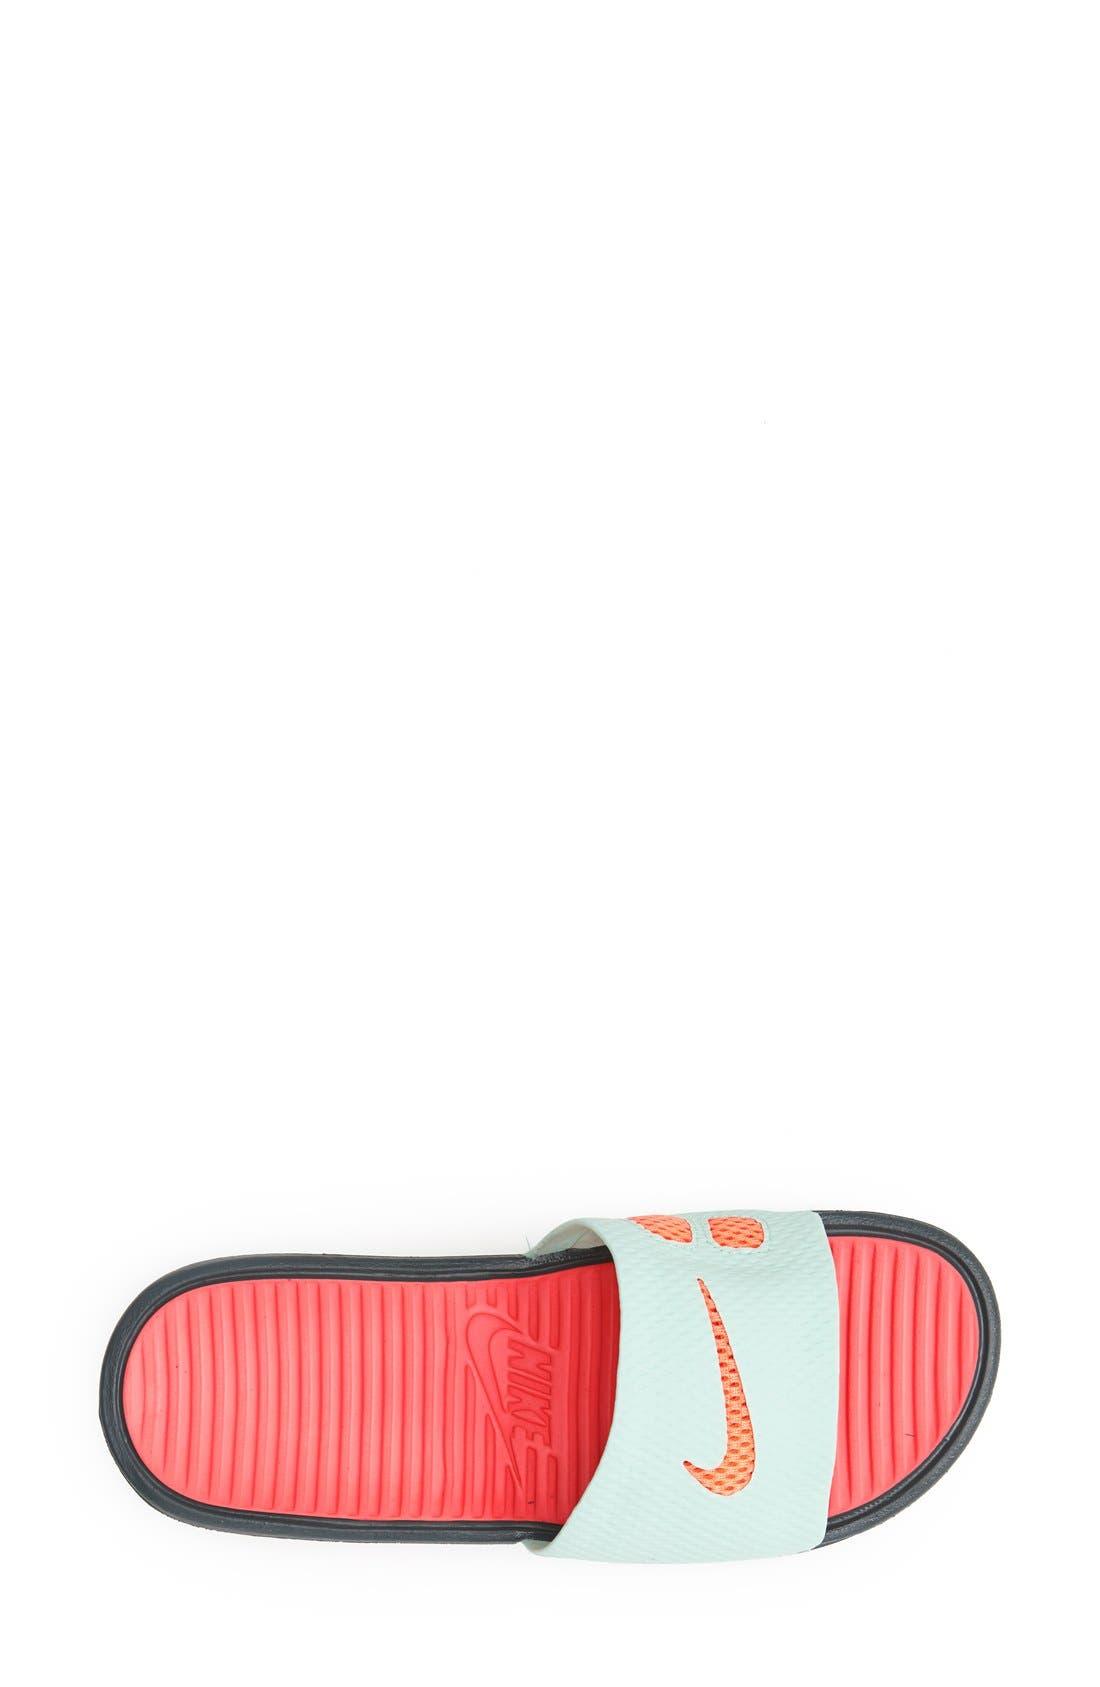 Alternate Image 2  - Nike 'Benassi - Solarsoft' Slide Sandal (Women)